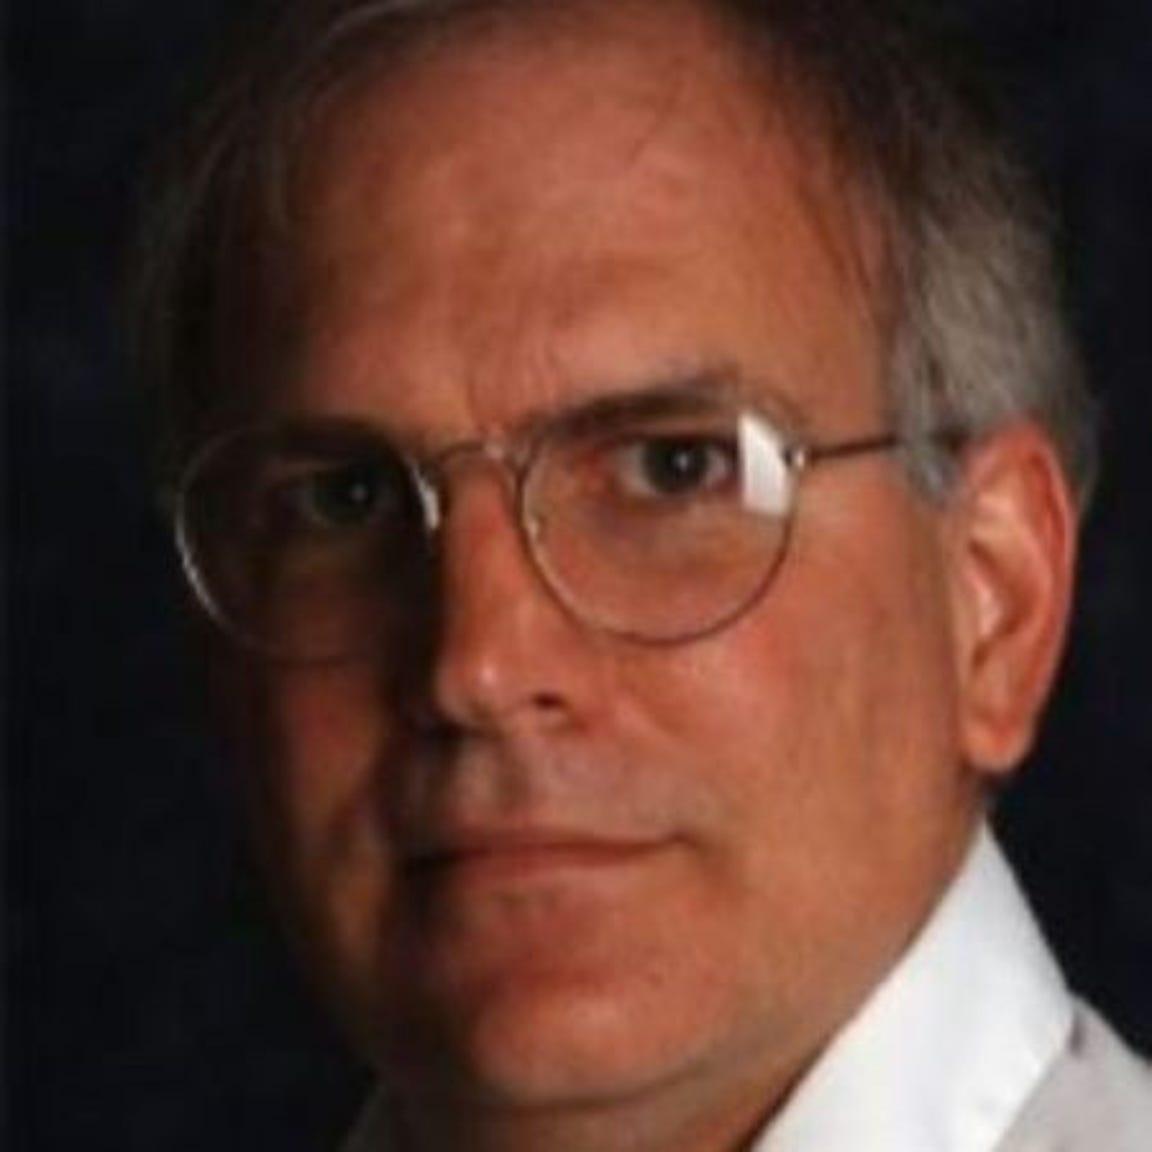 Eric Hasert